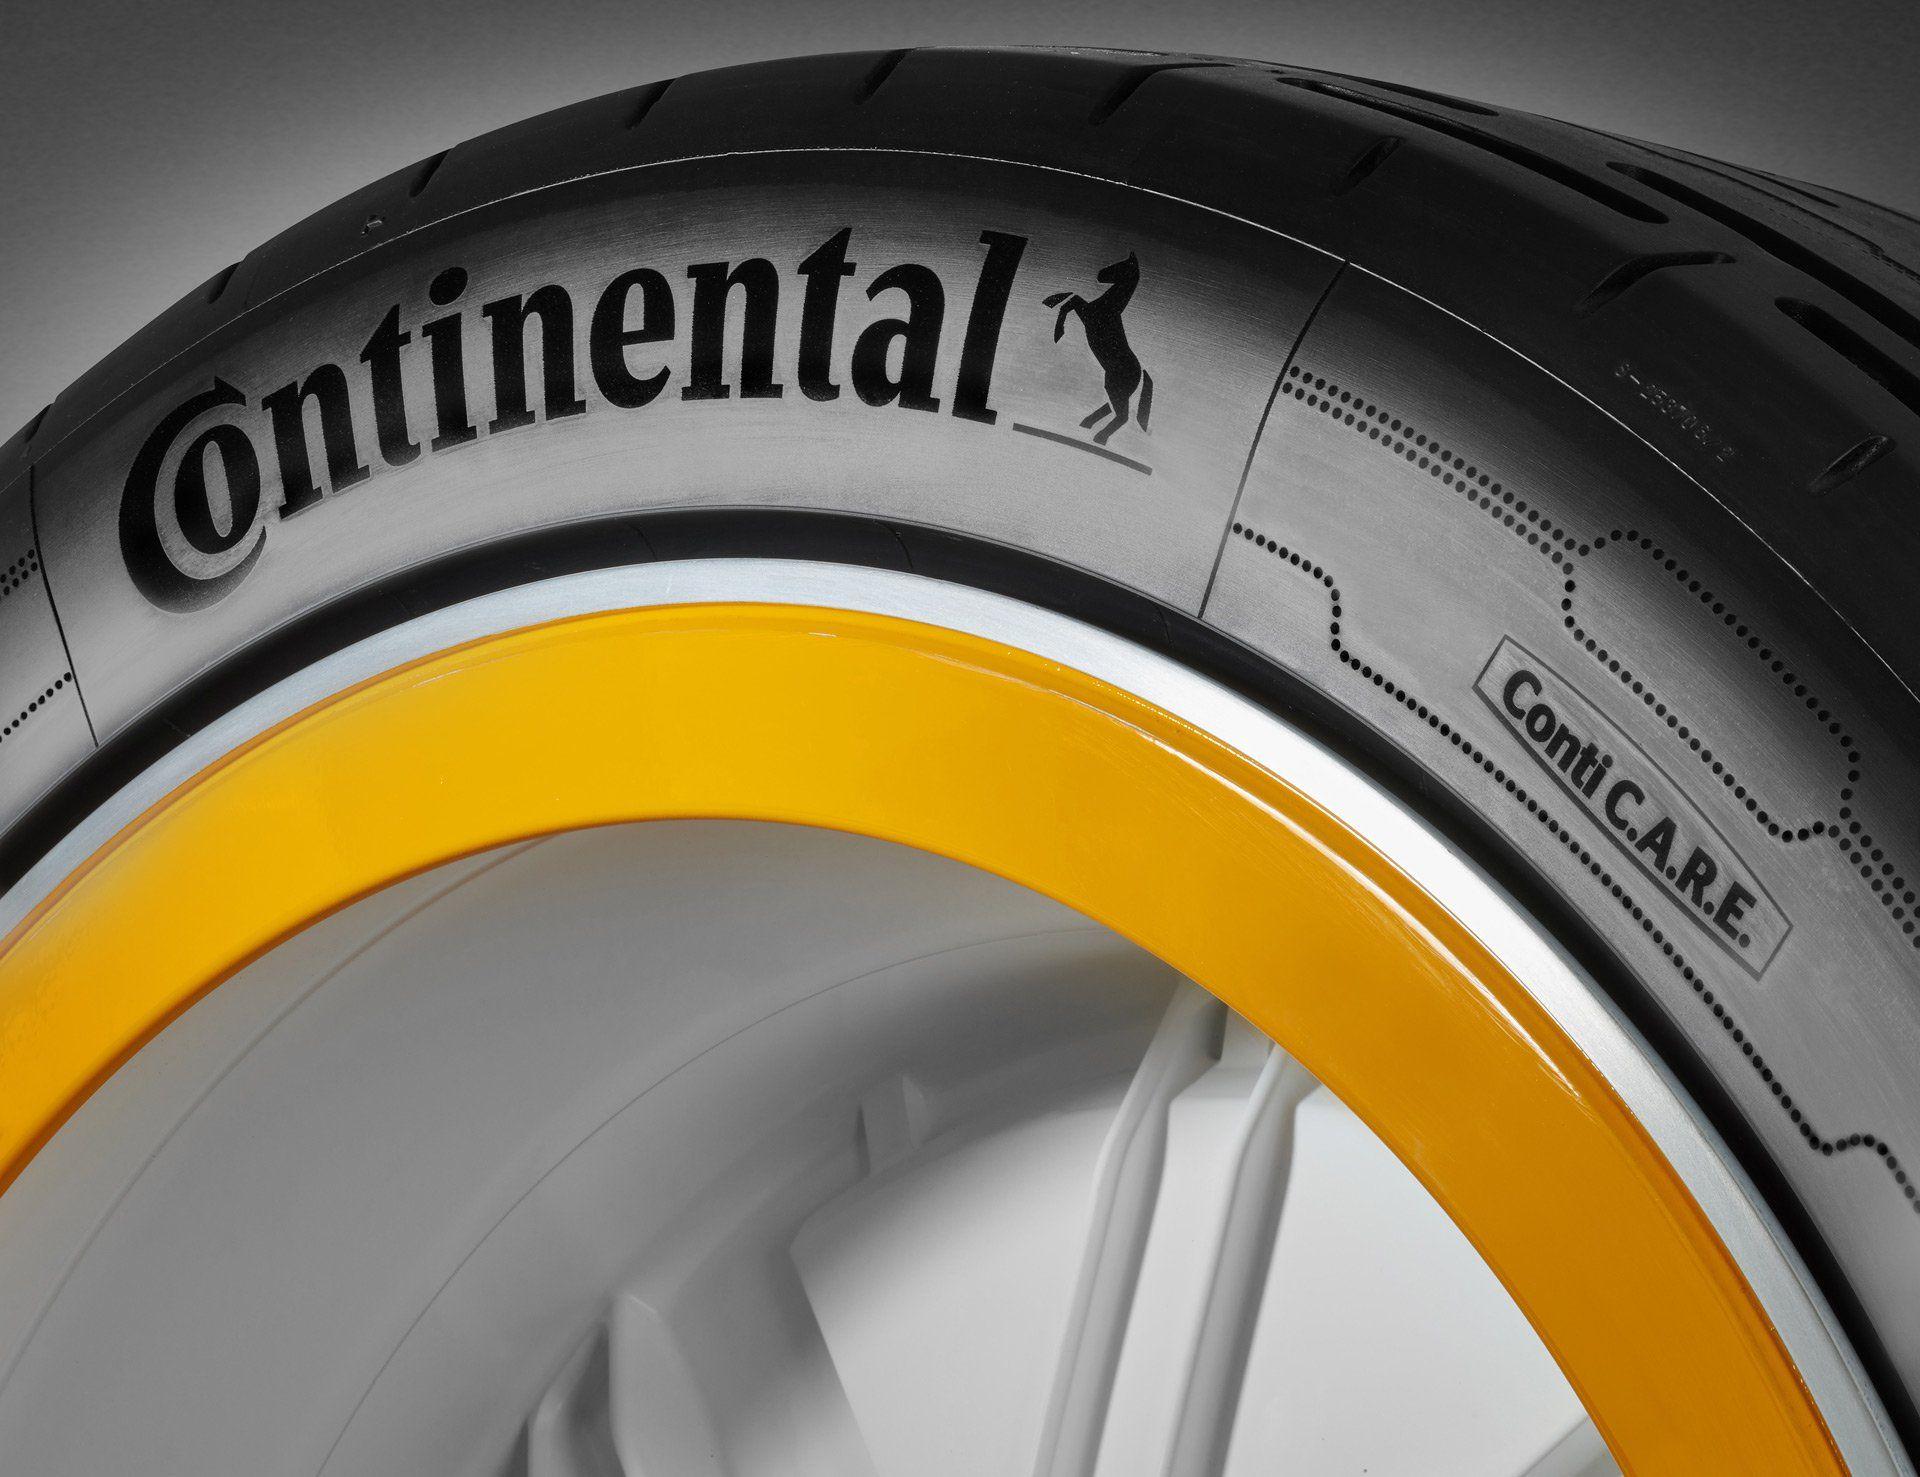 Continental представила колесо з Wi-Fi та Bluetooth, яке може підкачувати шину на ходу